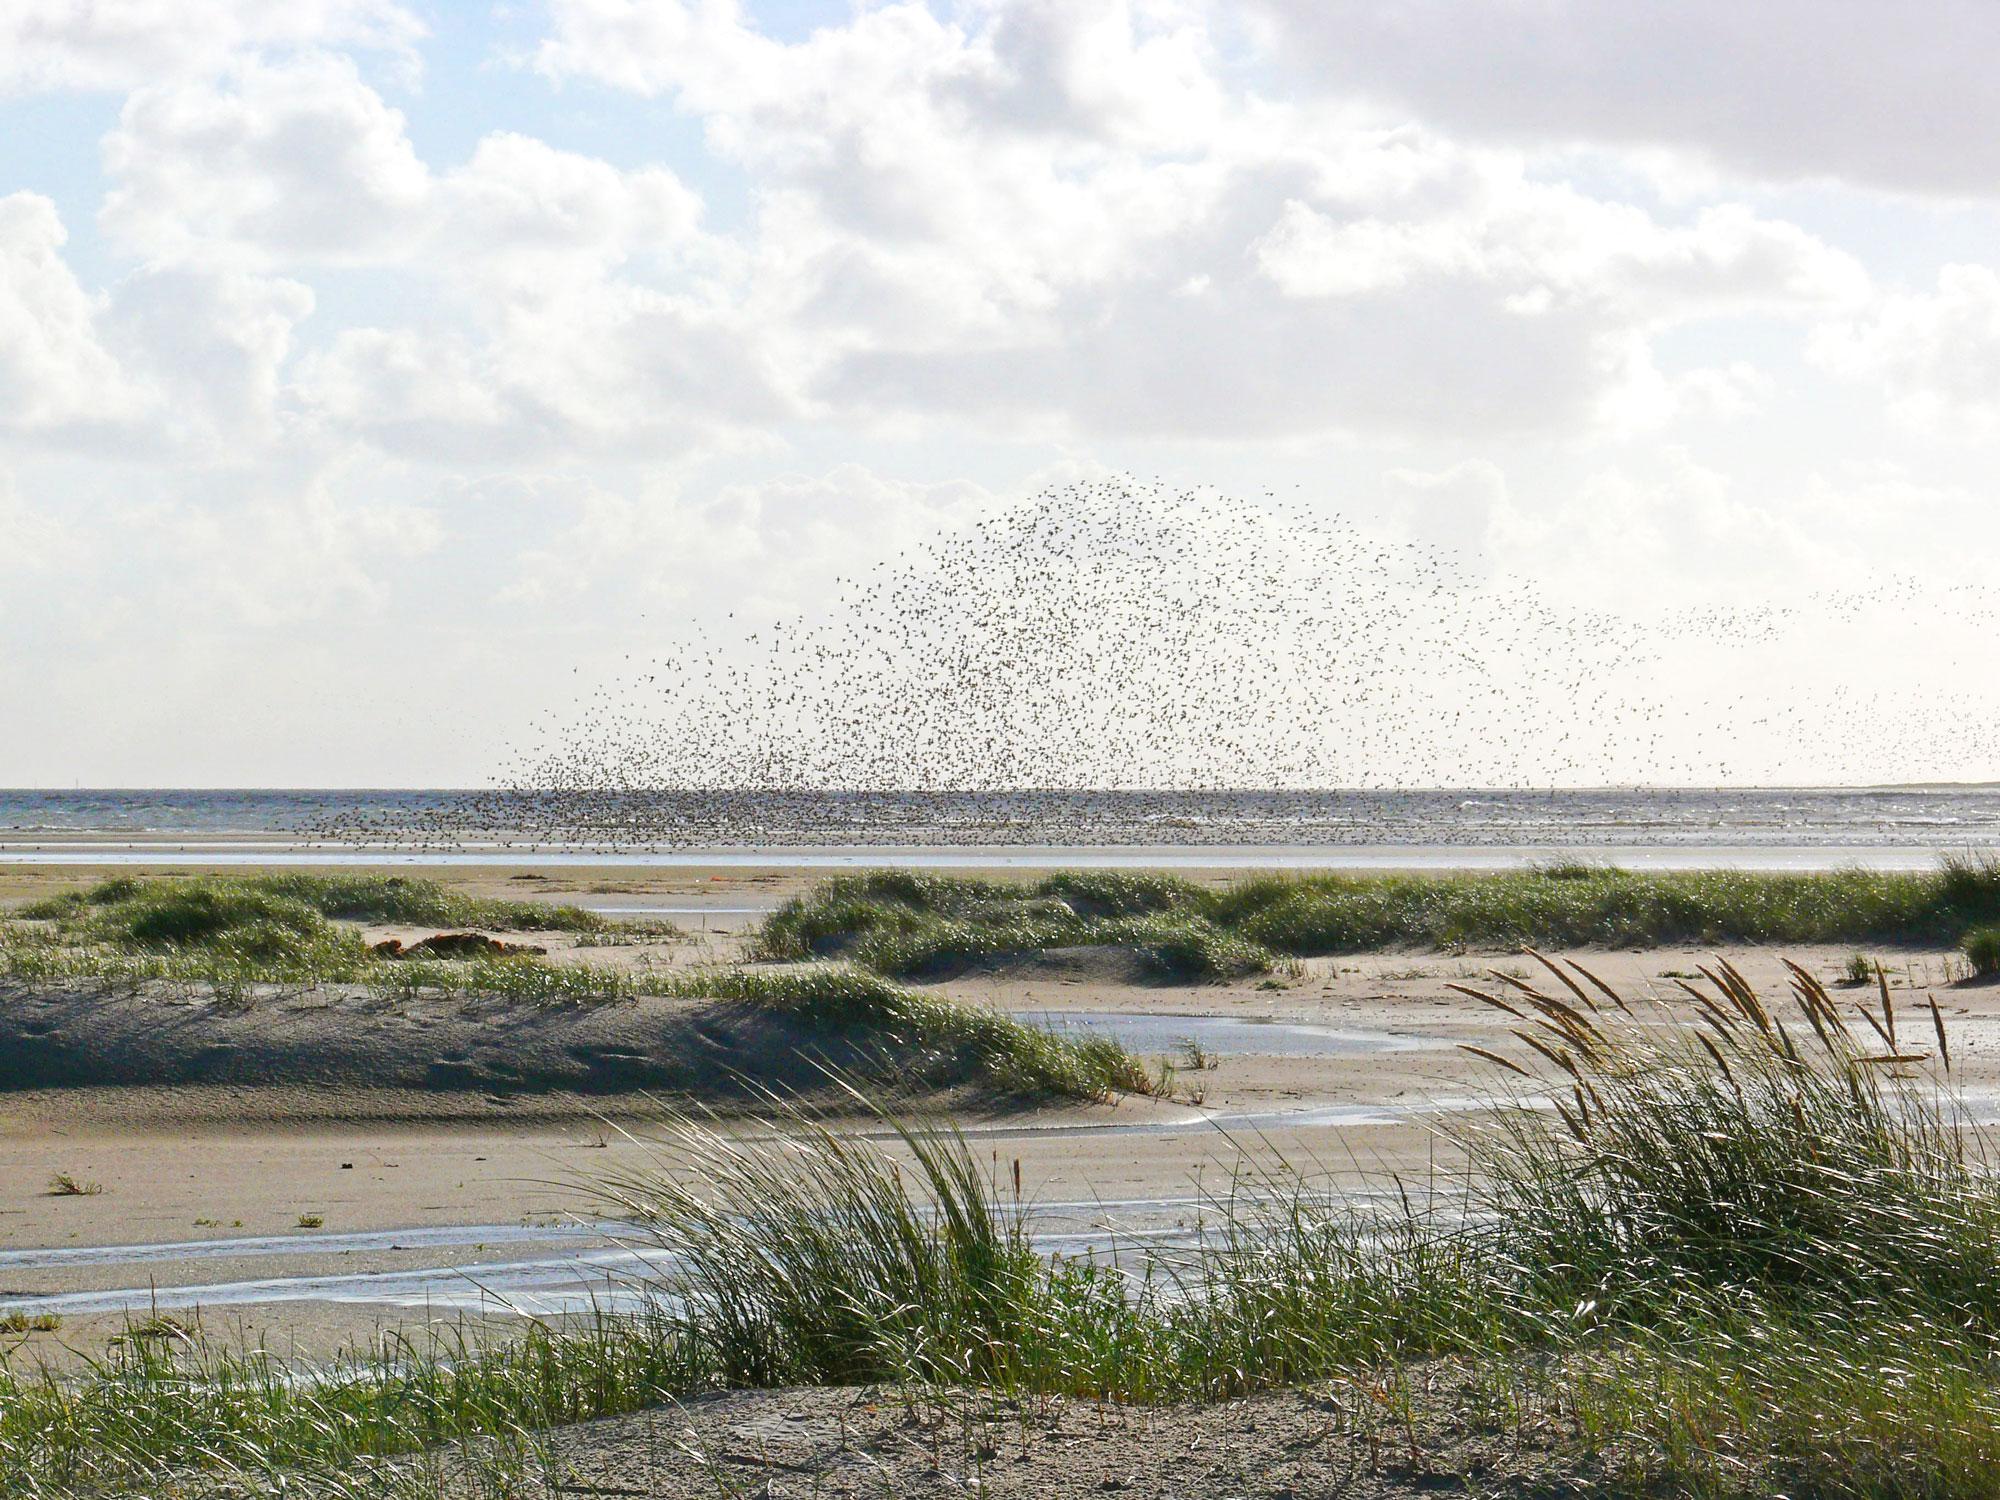 WWF Wattexpedition Langeoog